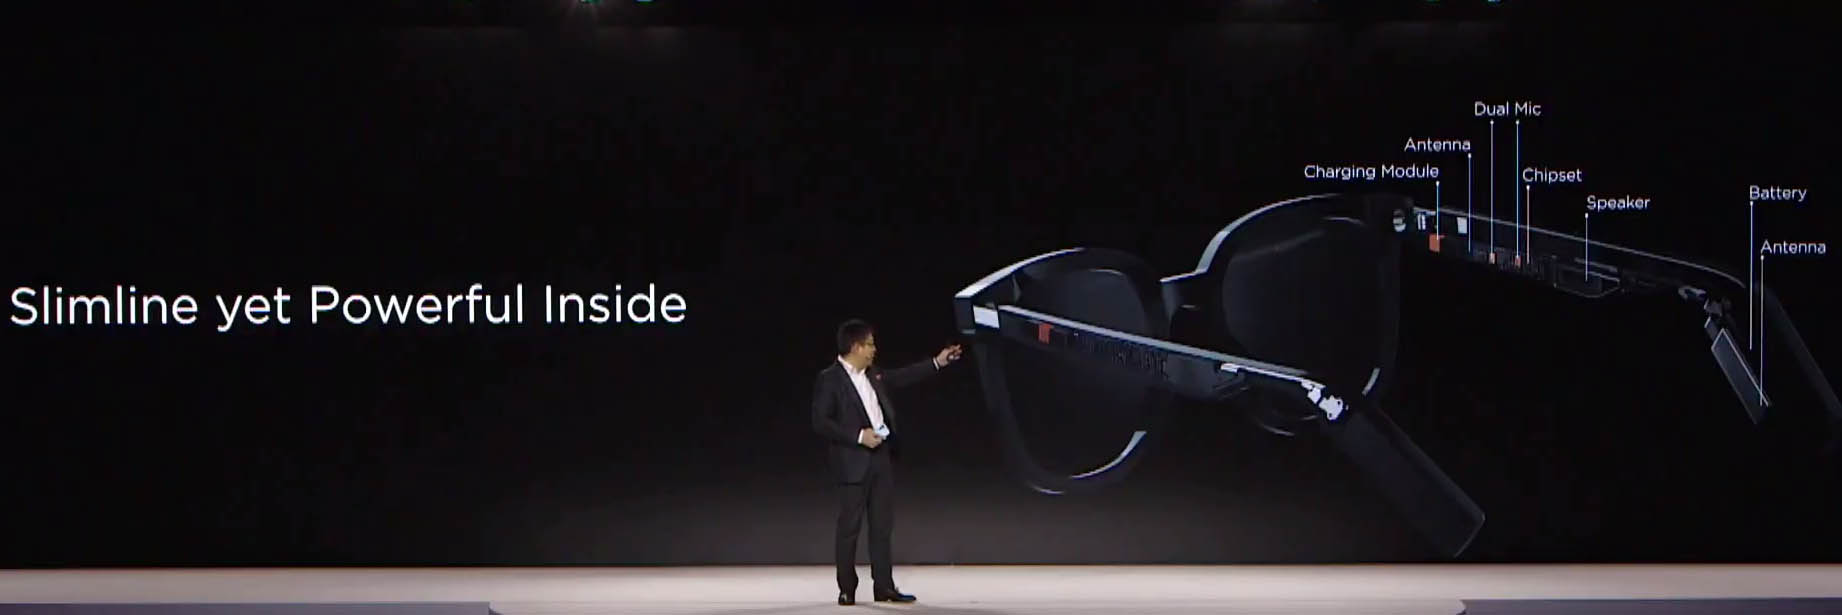 fe830f3a7 Huawei apresenta seu óculos inteligente - Mobile Time